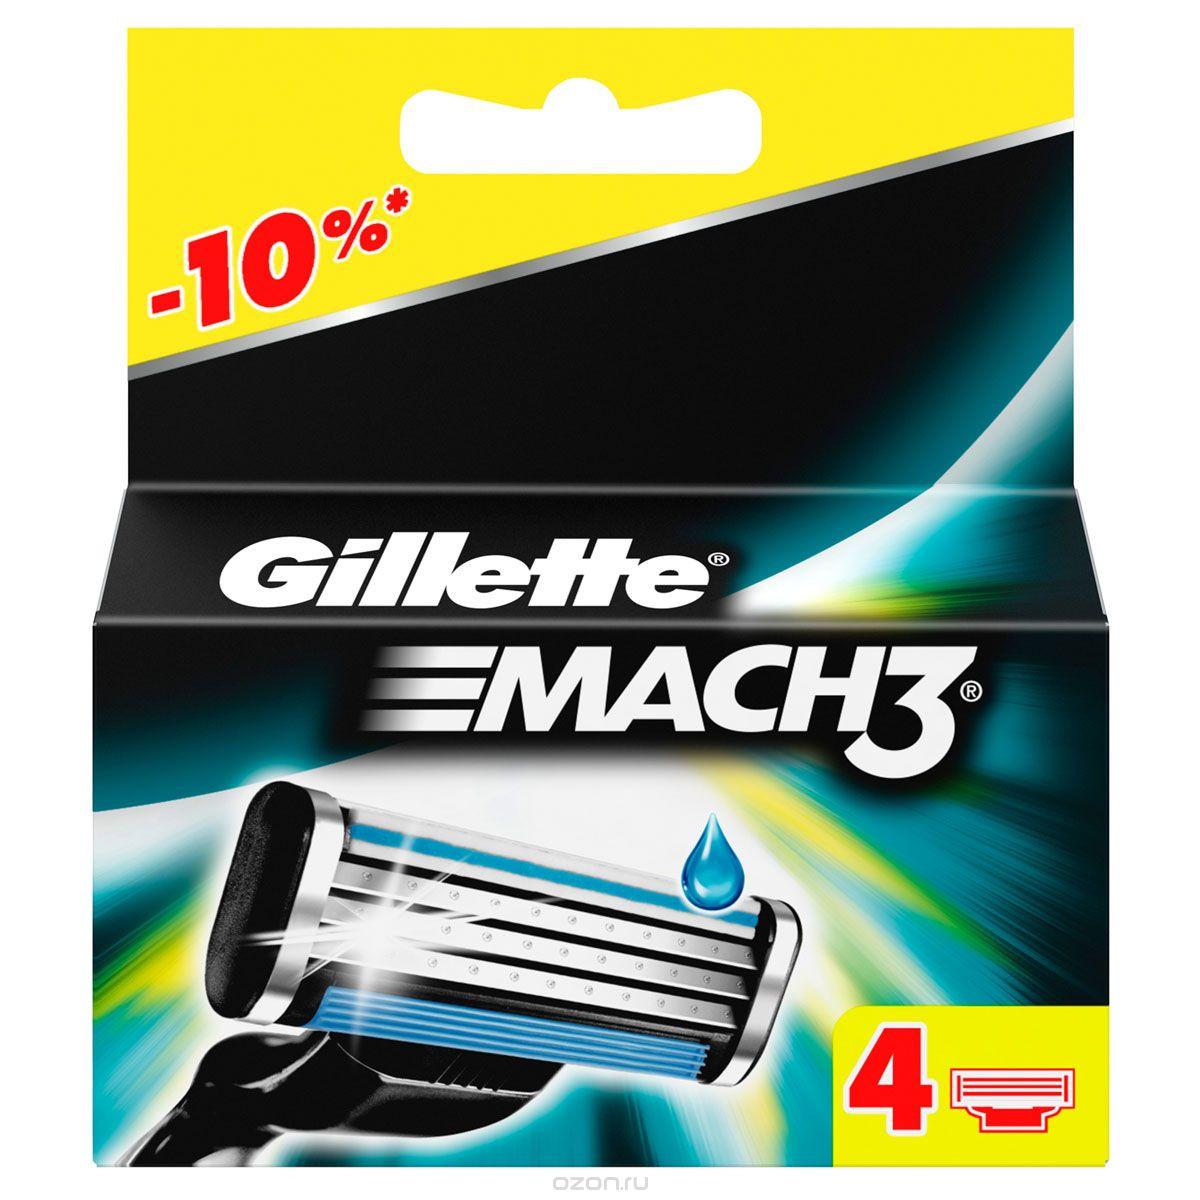 Картриджи Gillette Mach3 4's (четыре картриджа в упаковке)